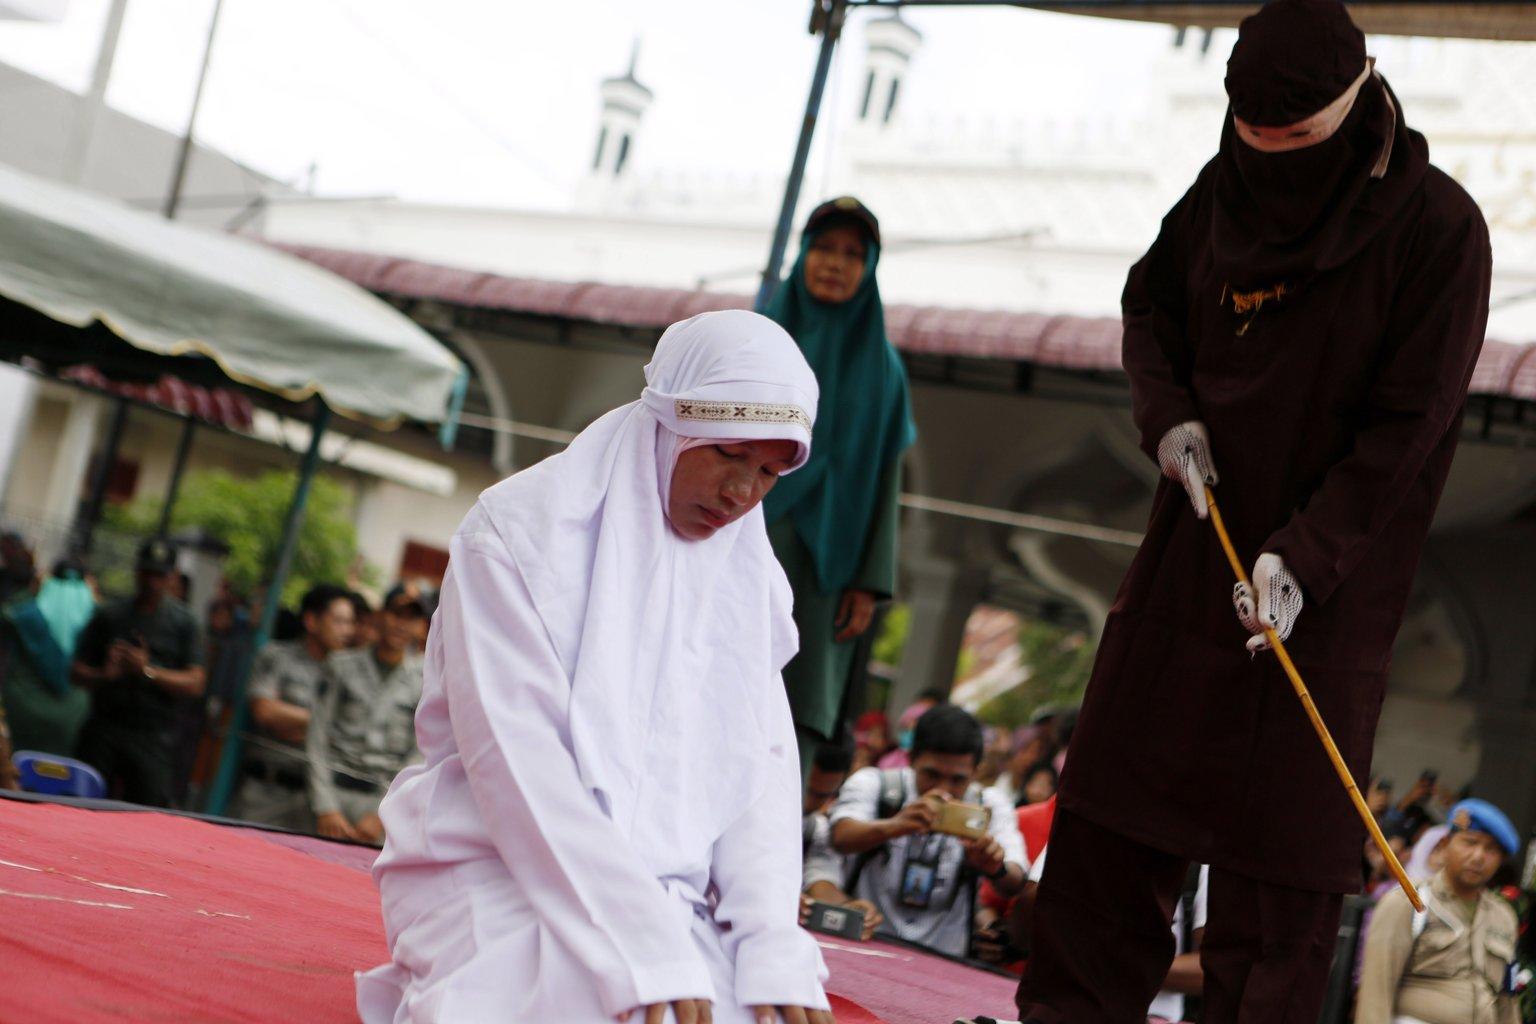 Az iszlám vallási törvénykezés, a saría ellen vétő nőt botoznak meg nyilvánosan az indonéziai Aceh tartomány székhelyén, Banda Acehben 2017. március 20-án: a nőt 25 botütésre ítélték házasságon kívüli nemi kapcsolat miatt – a botozás az Aceh tartományban alkalmazott saría egyik büntetési formája (Fotó: MTI/EPA/Hotli Simanjuntak)